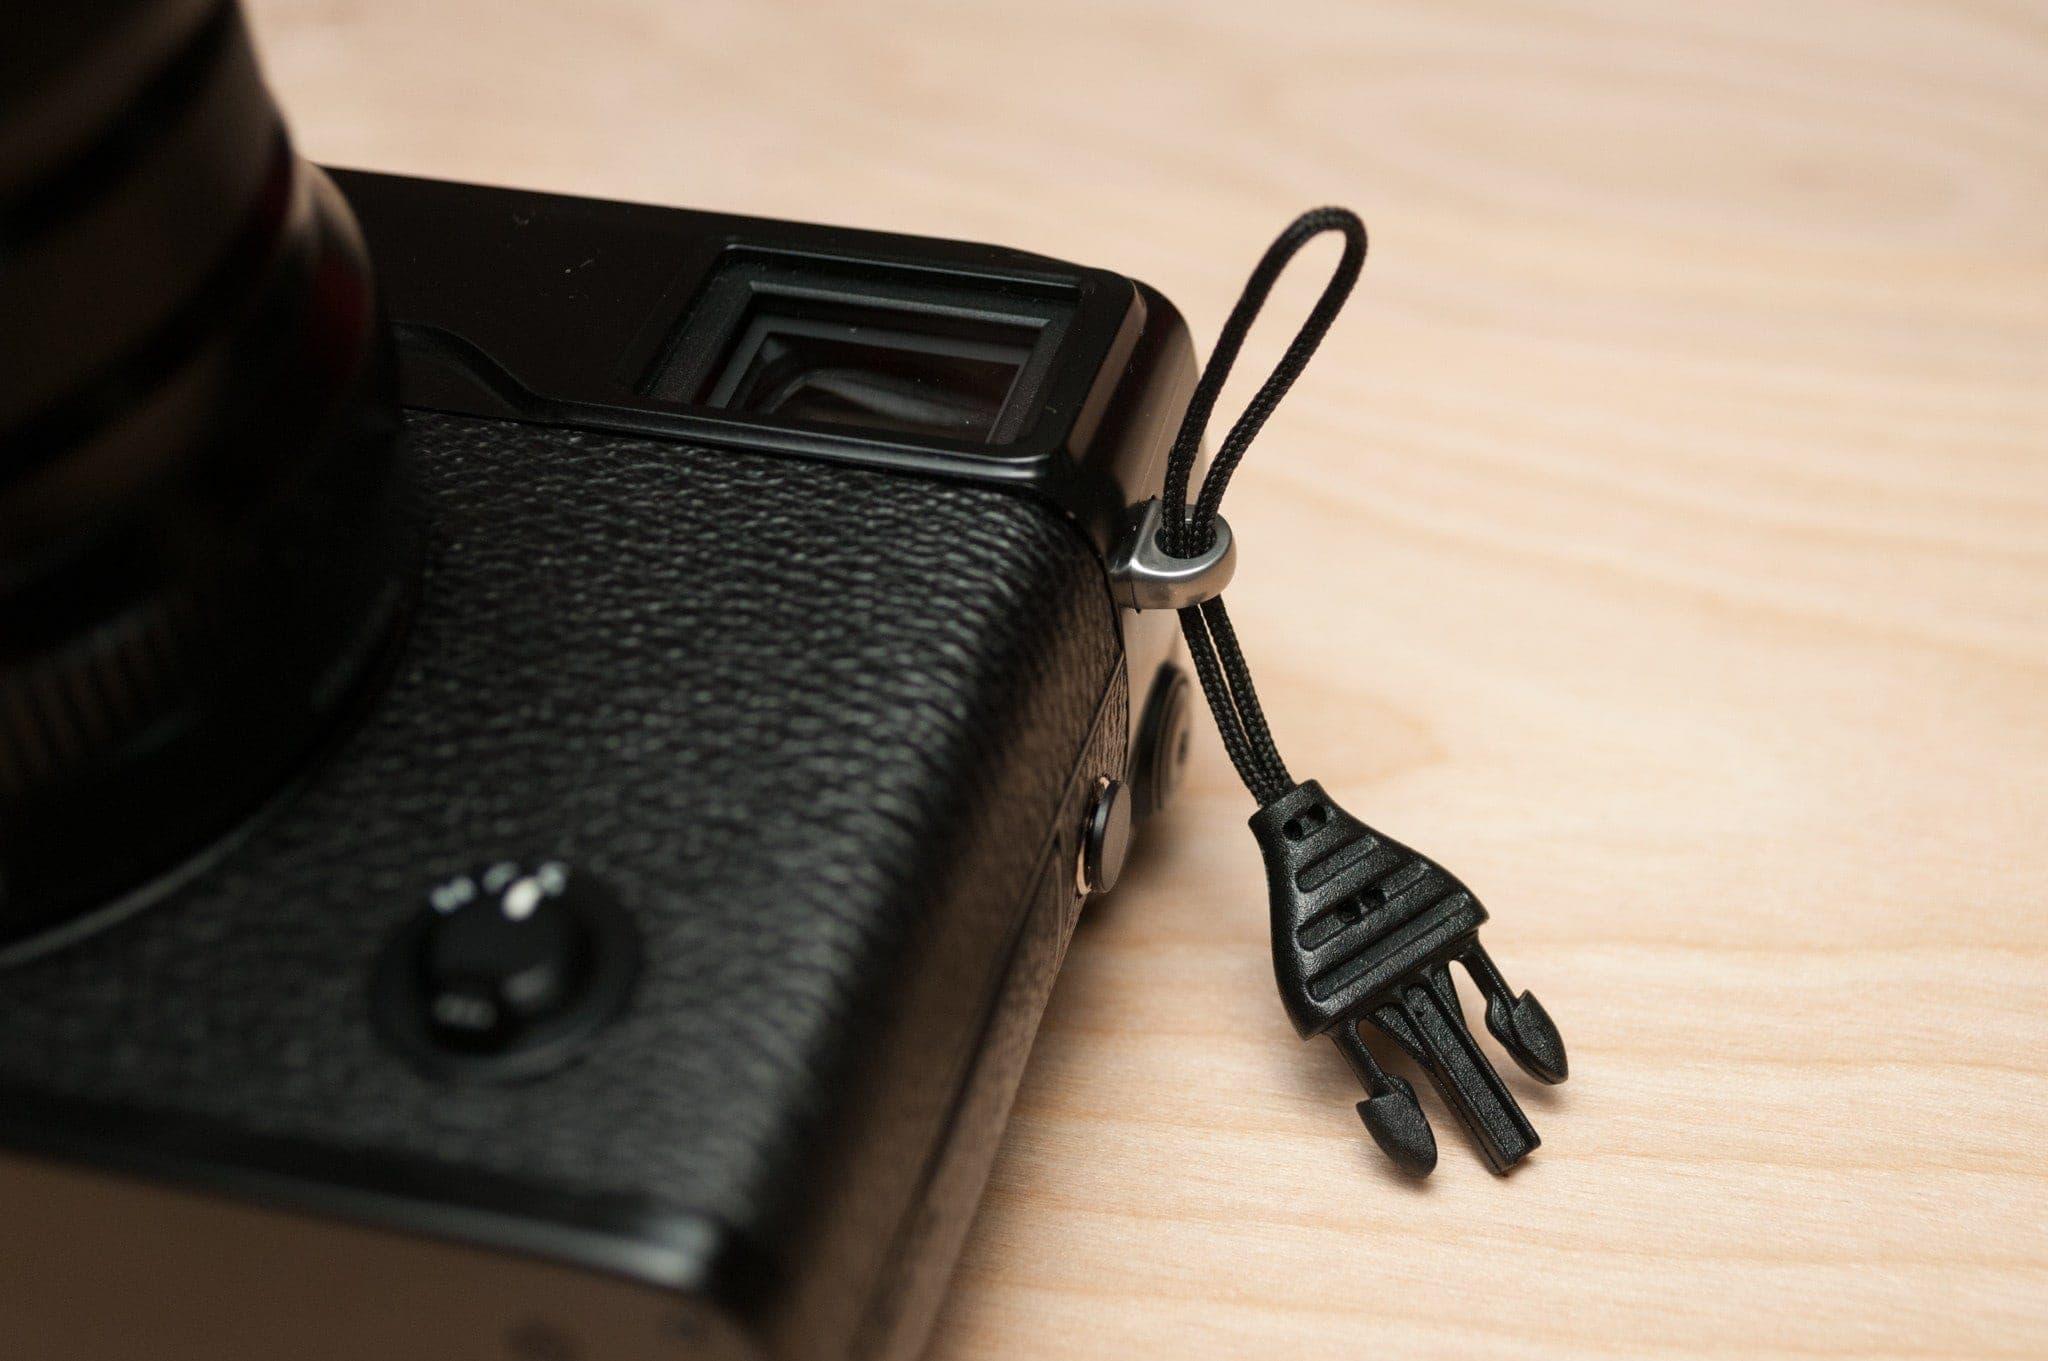 将线环穿过带状接线片。 使用一根绳子或牙线可能会有所帮助。